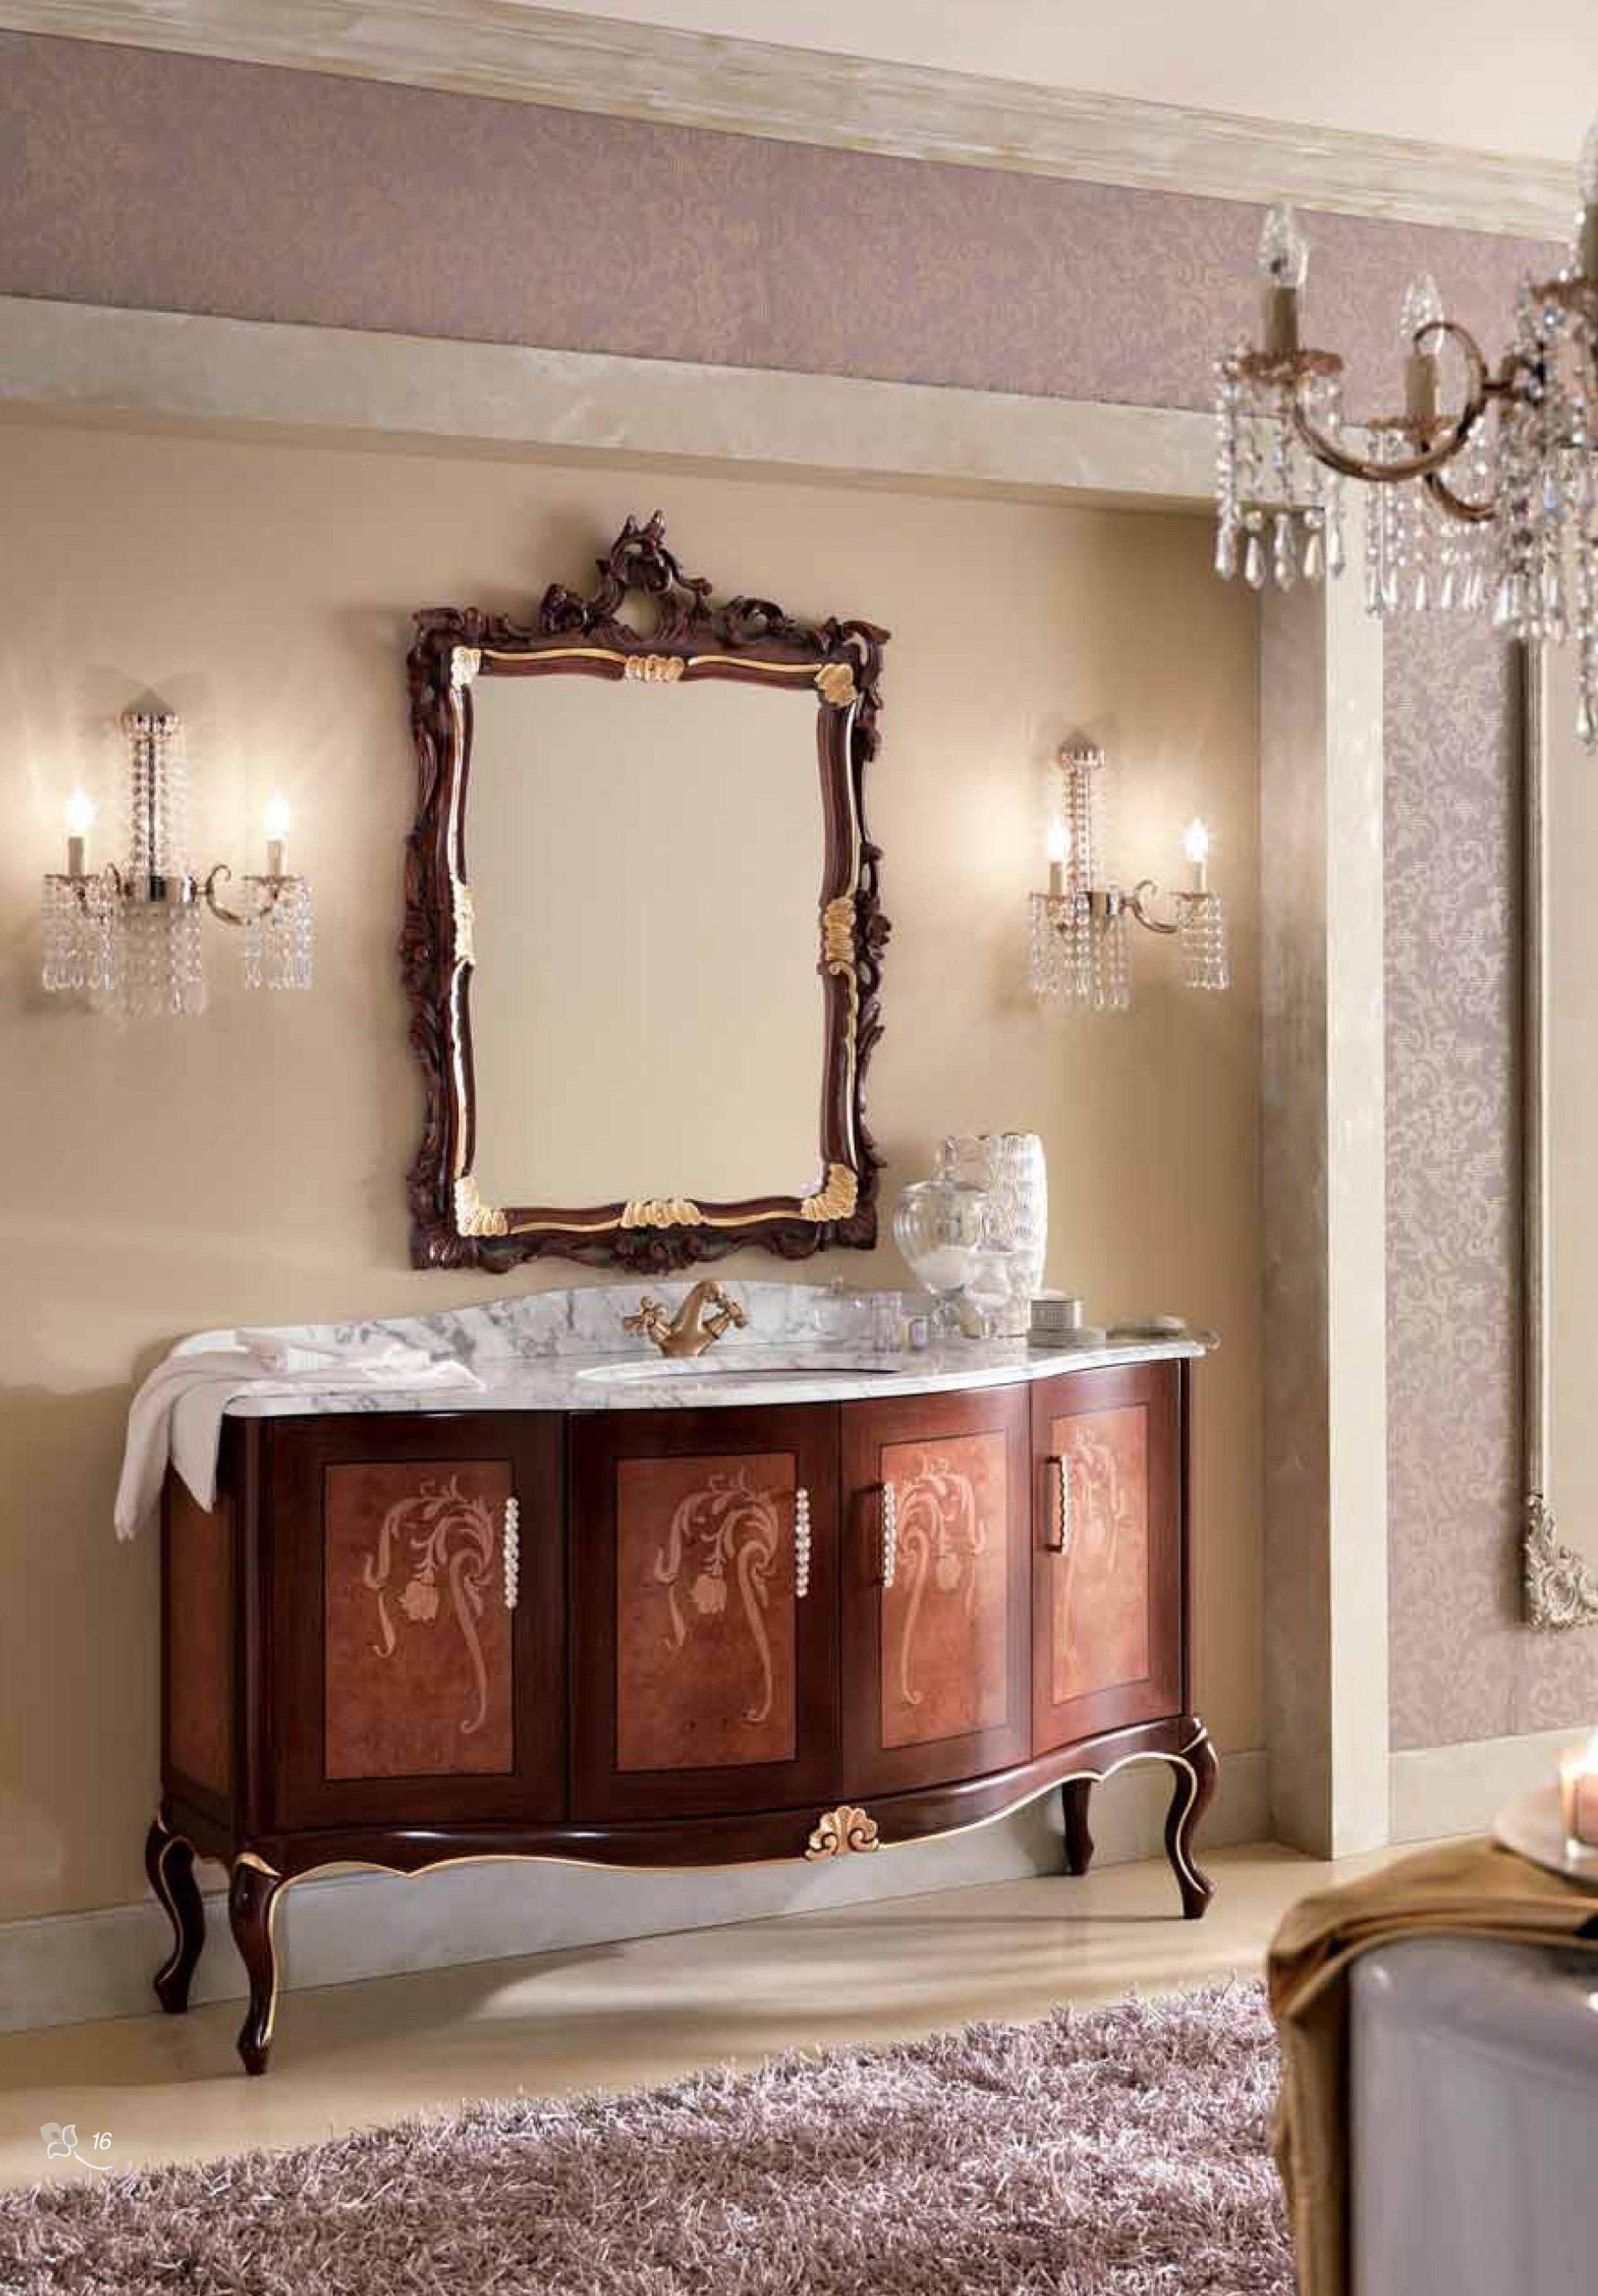 Классическая мебель для ванной комнаты BMT Edwards - парадная классика.